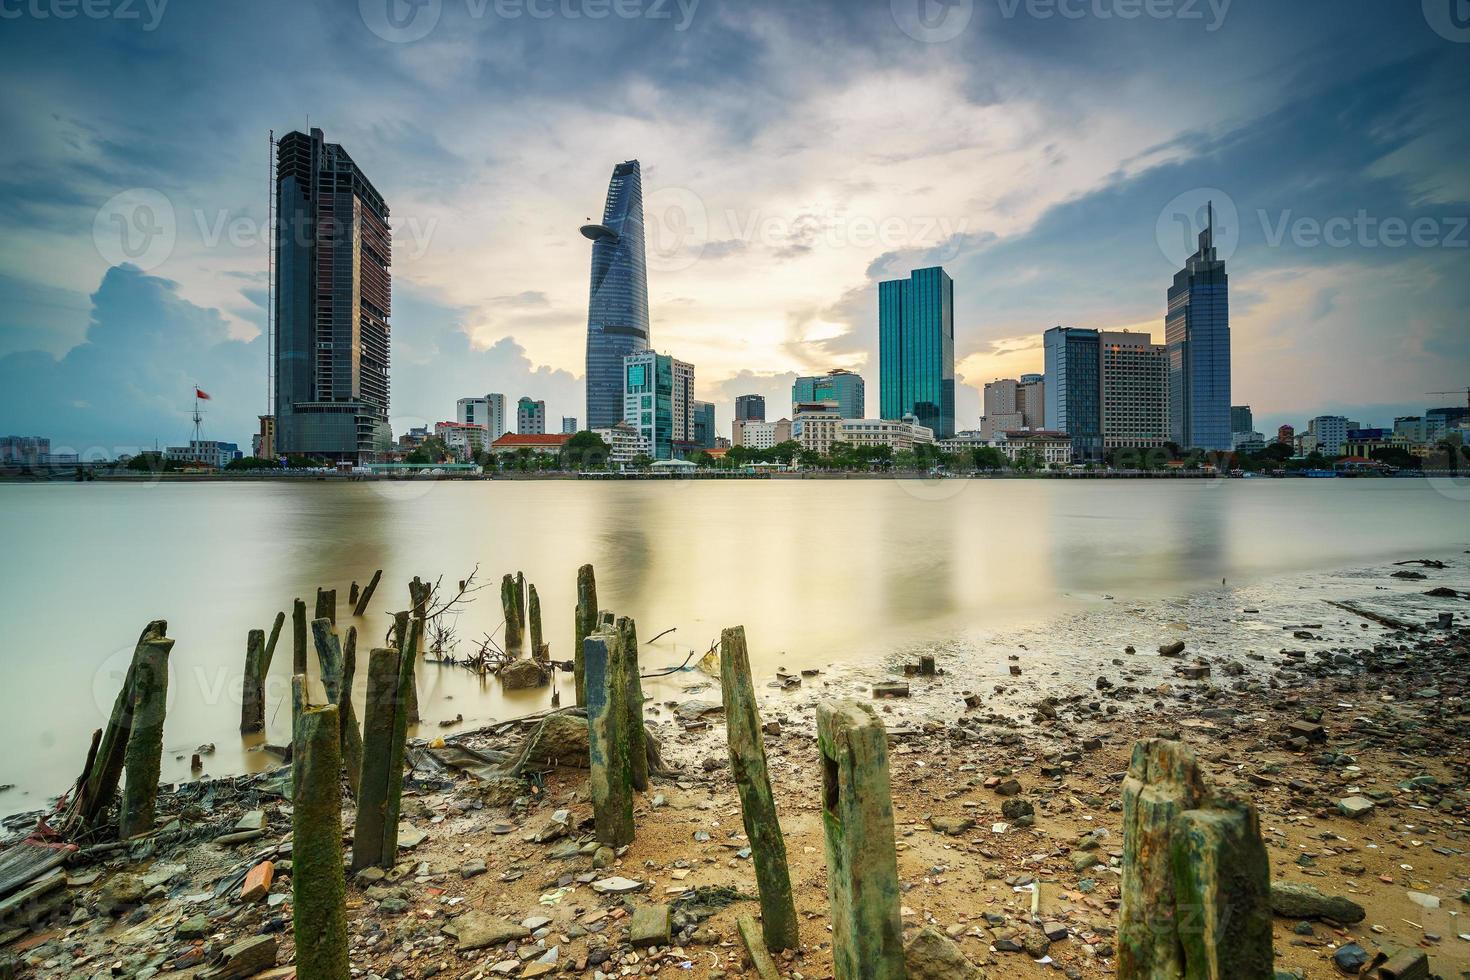 centre-ville de saigon au coucher du soleil (hdr), ho chi minh ville, vietnam photo